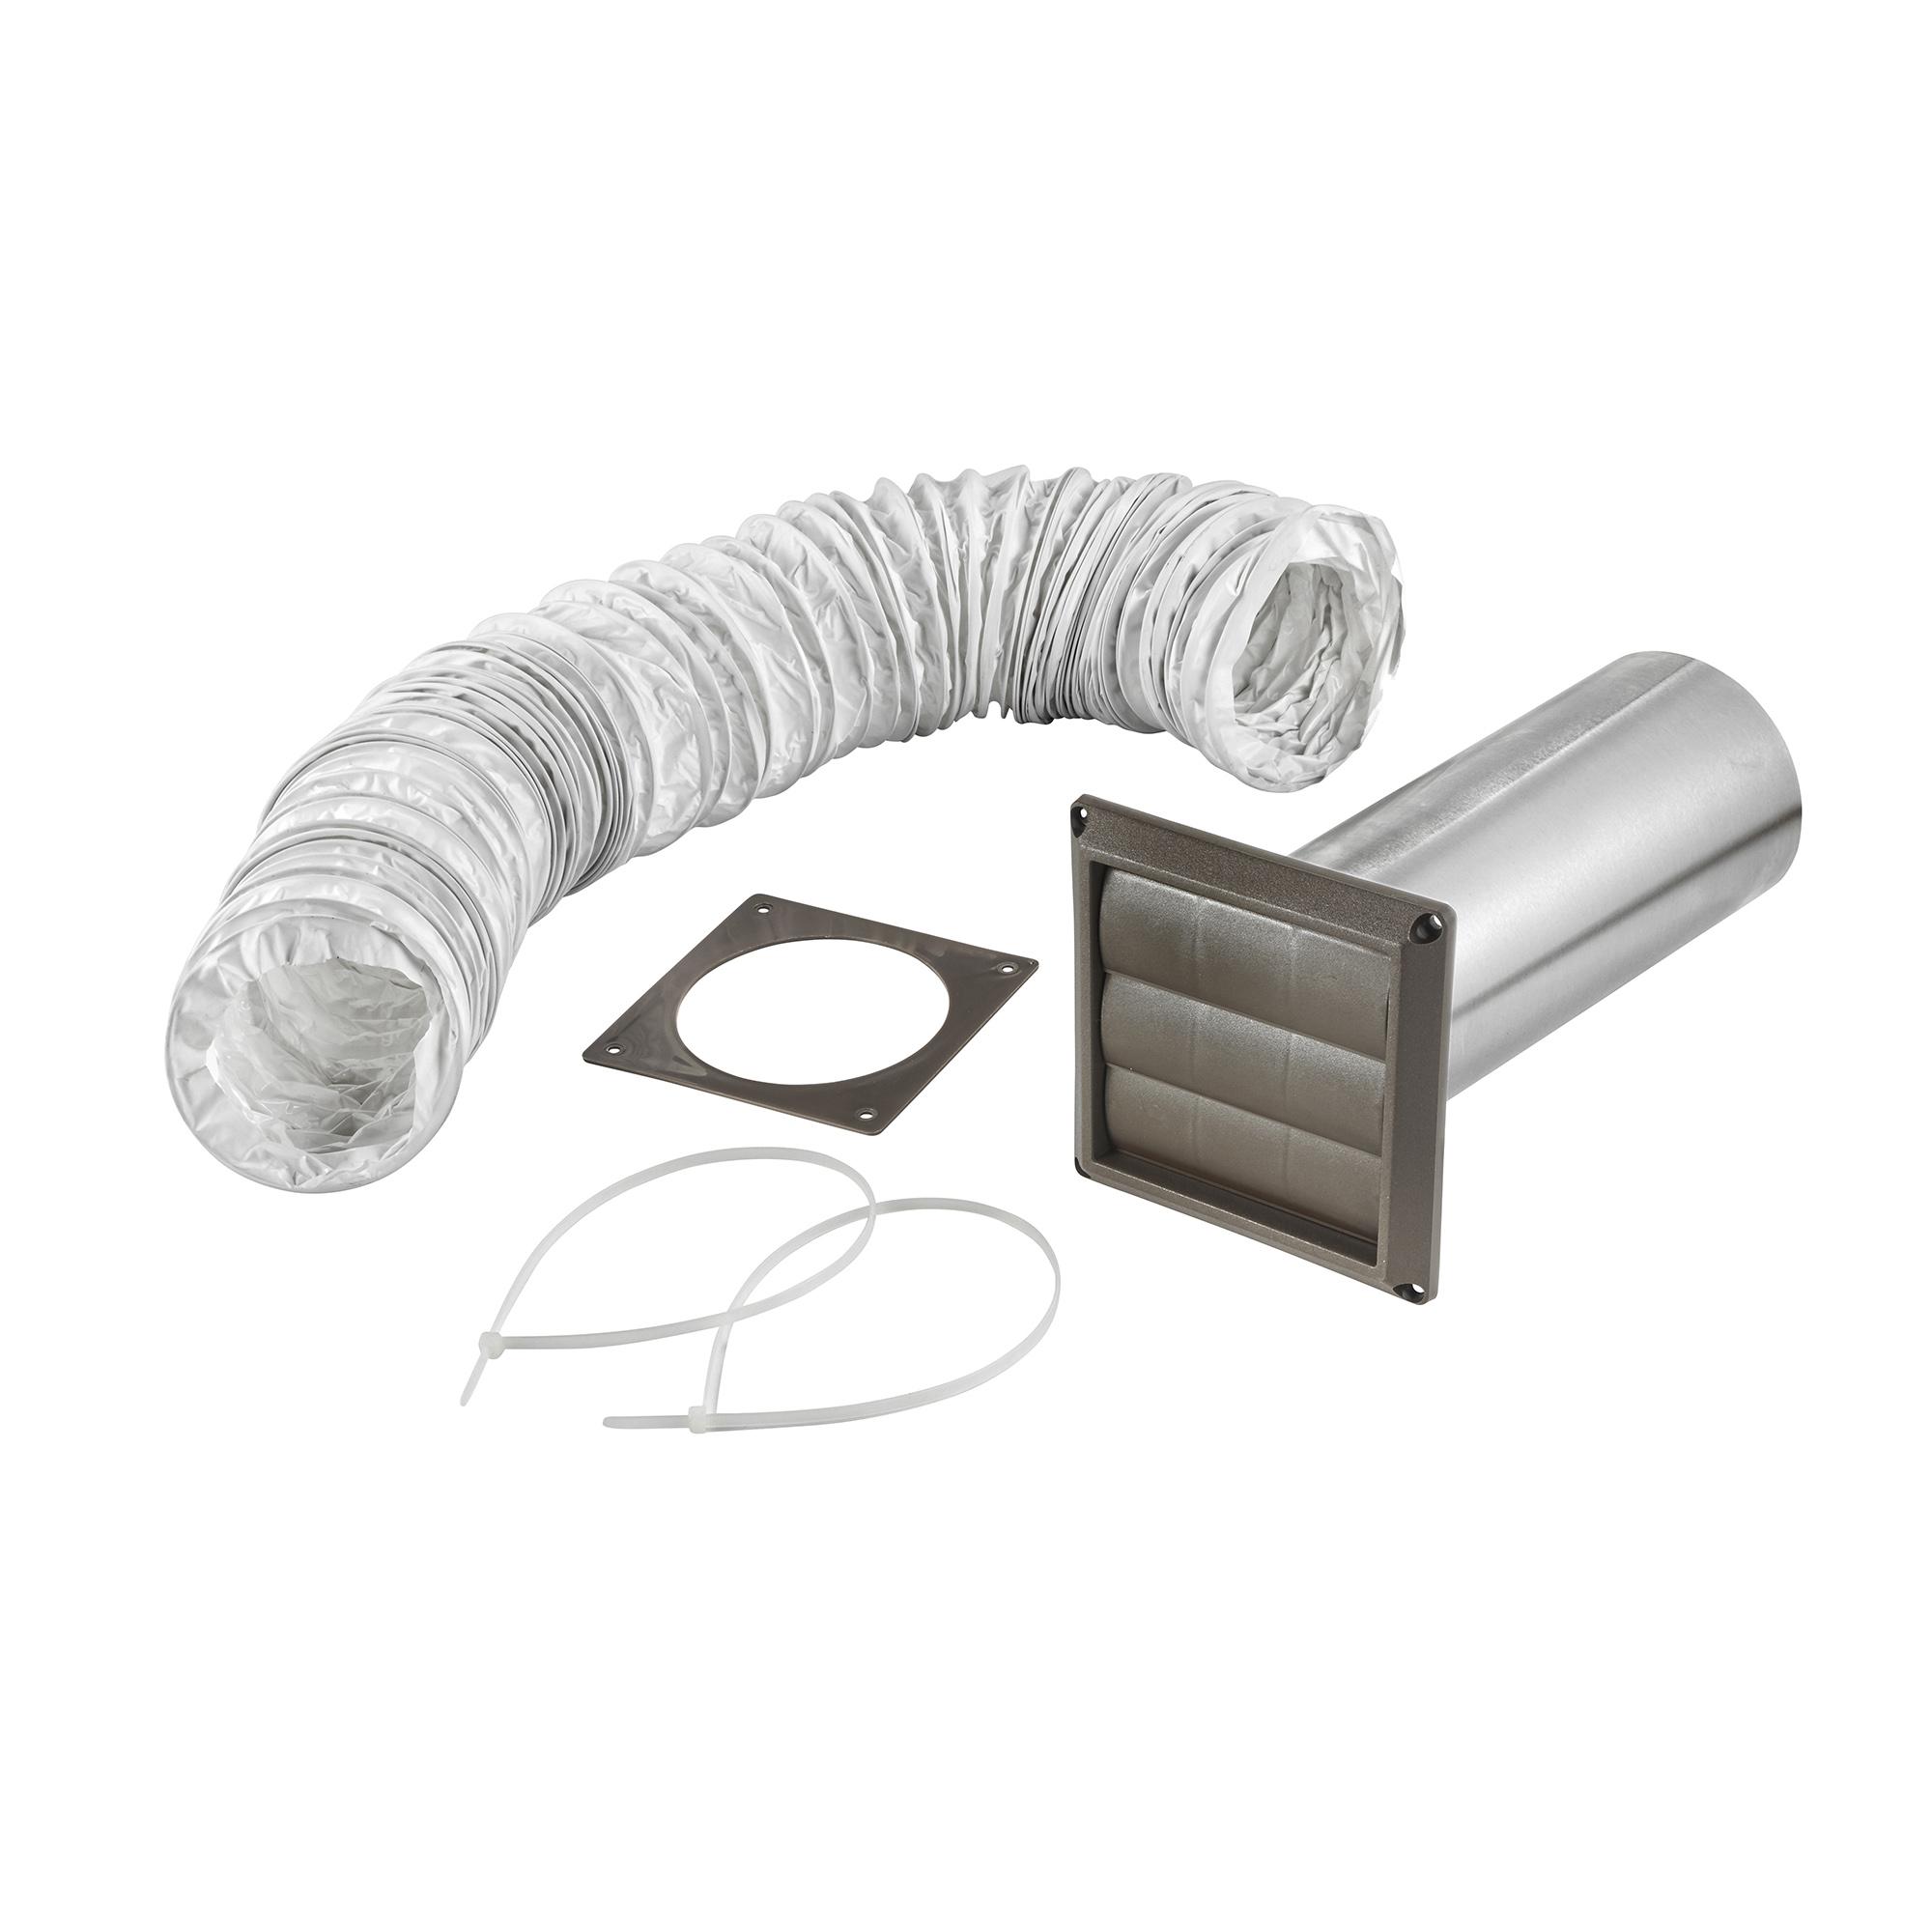 Quot vinyl duct louvered vent kit gt lambro industries inc